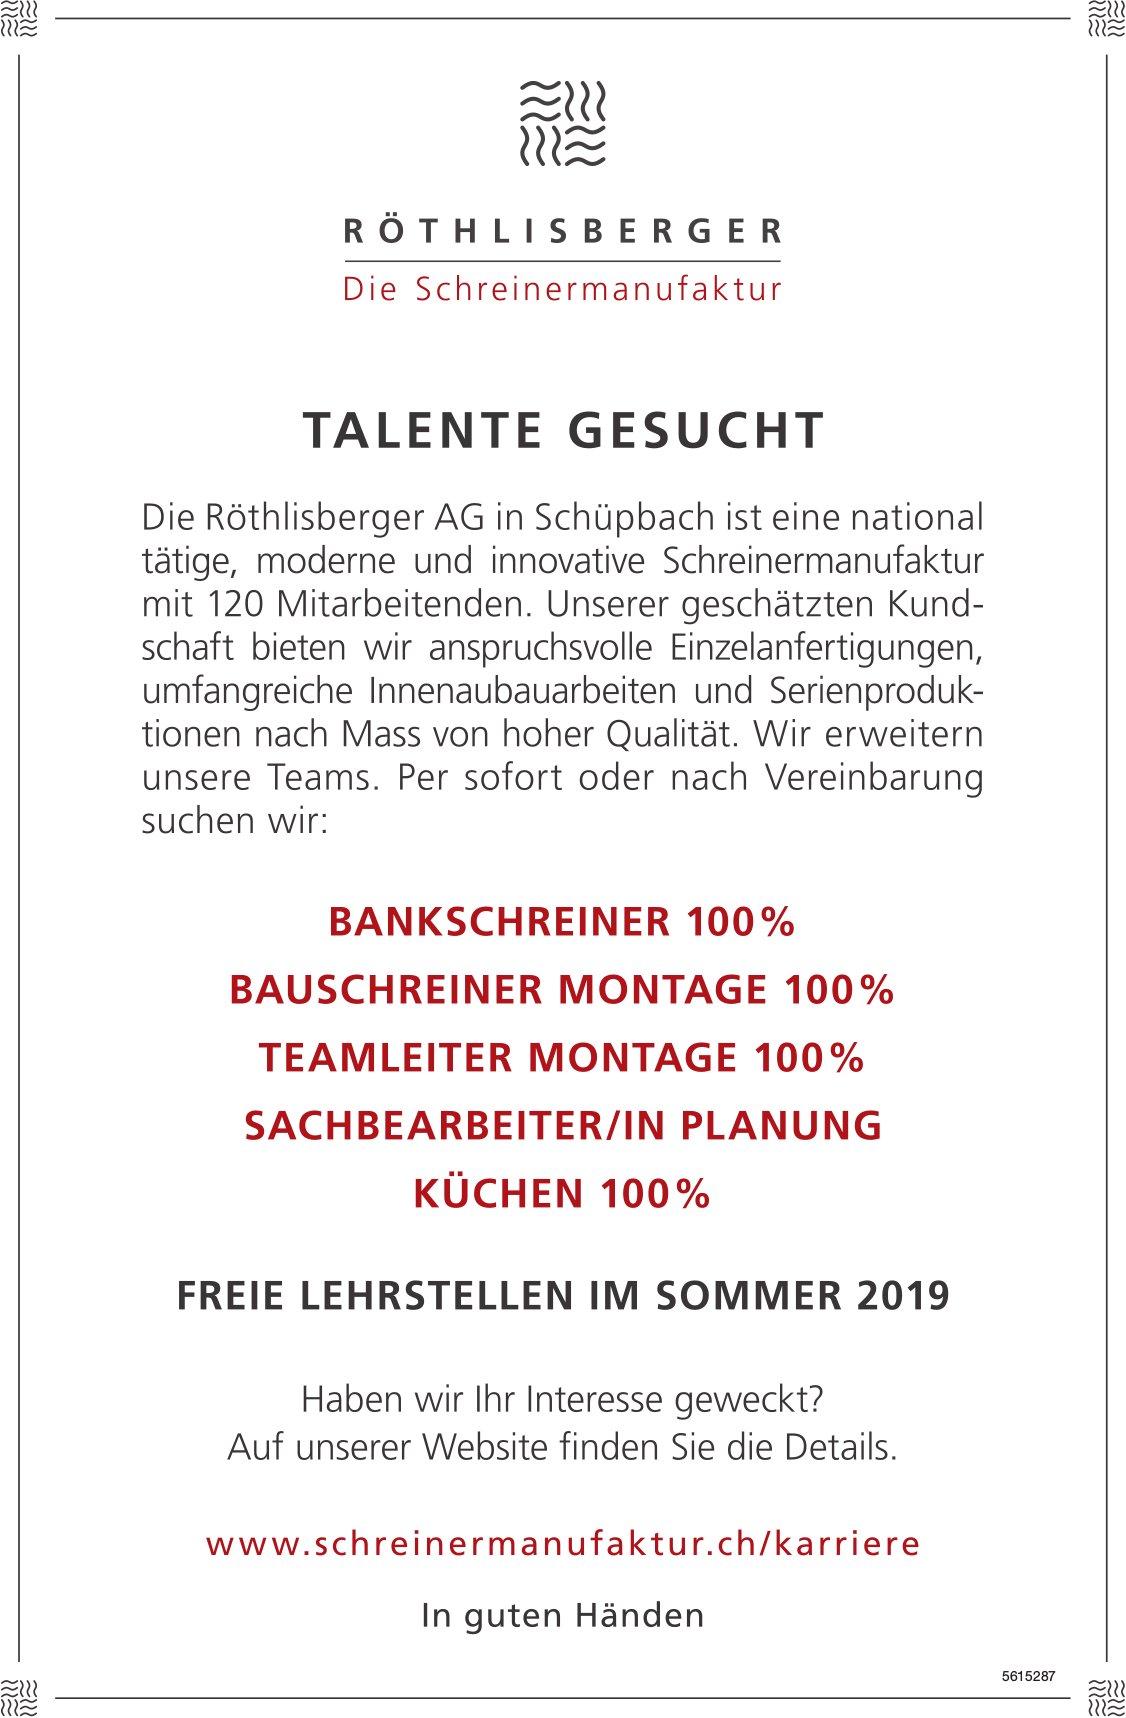 TALENTE GESUCHT & FREIE LEHRSTELLEN IM SOMMER 2019, Schreinermanufaktur Röthlisberger, Schüpbach